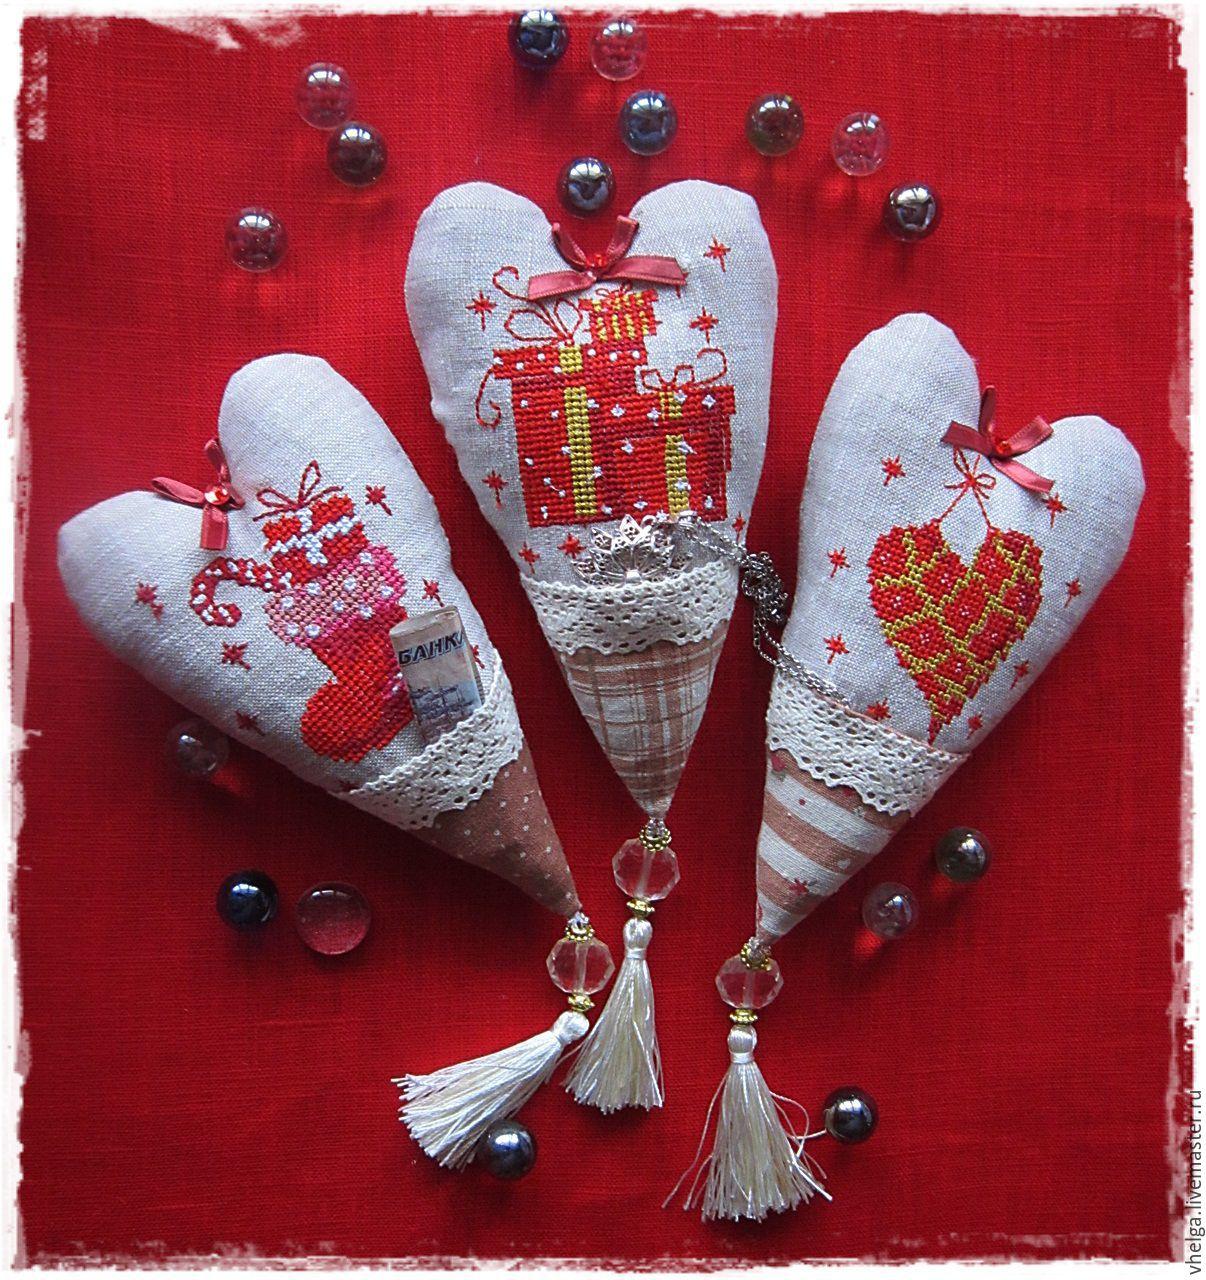 Тильды сердечки вышивкой